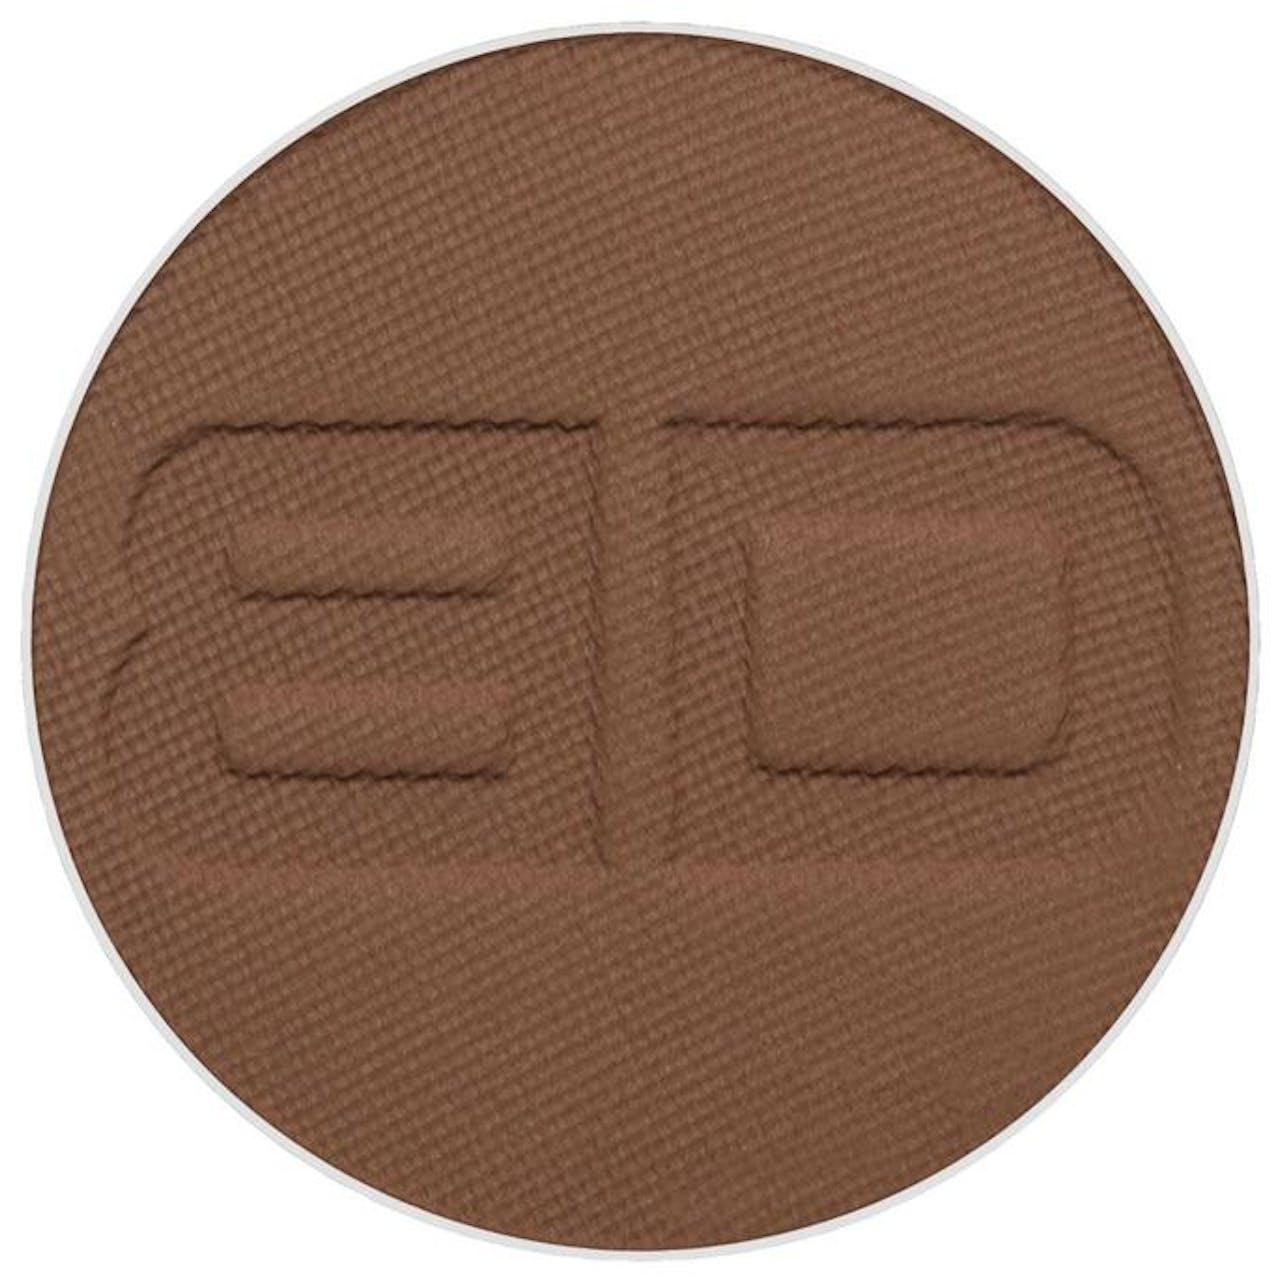 BD Puderpigment Kaffee Refill 2,5g - 5.40€/1g